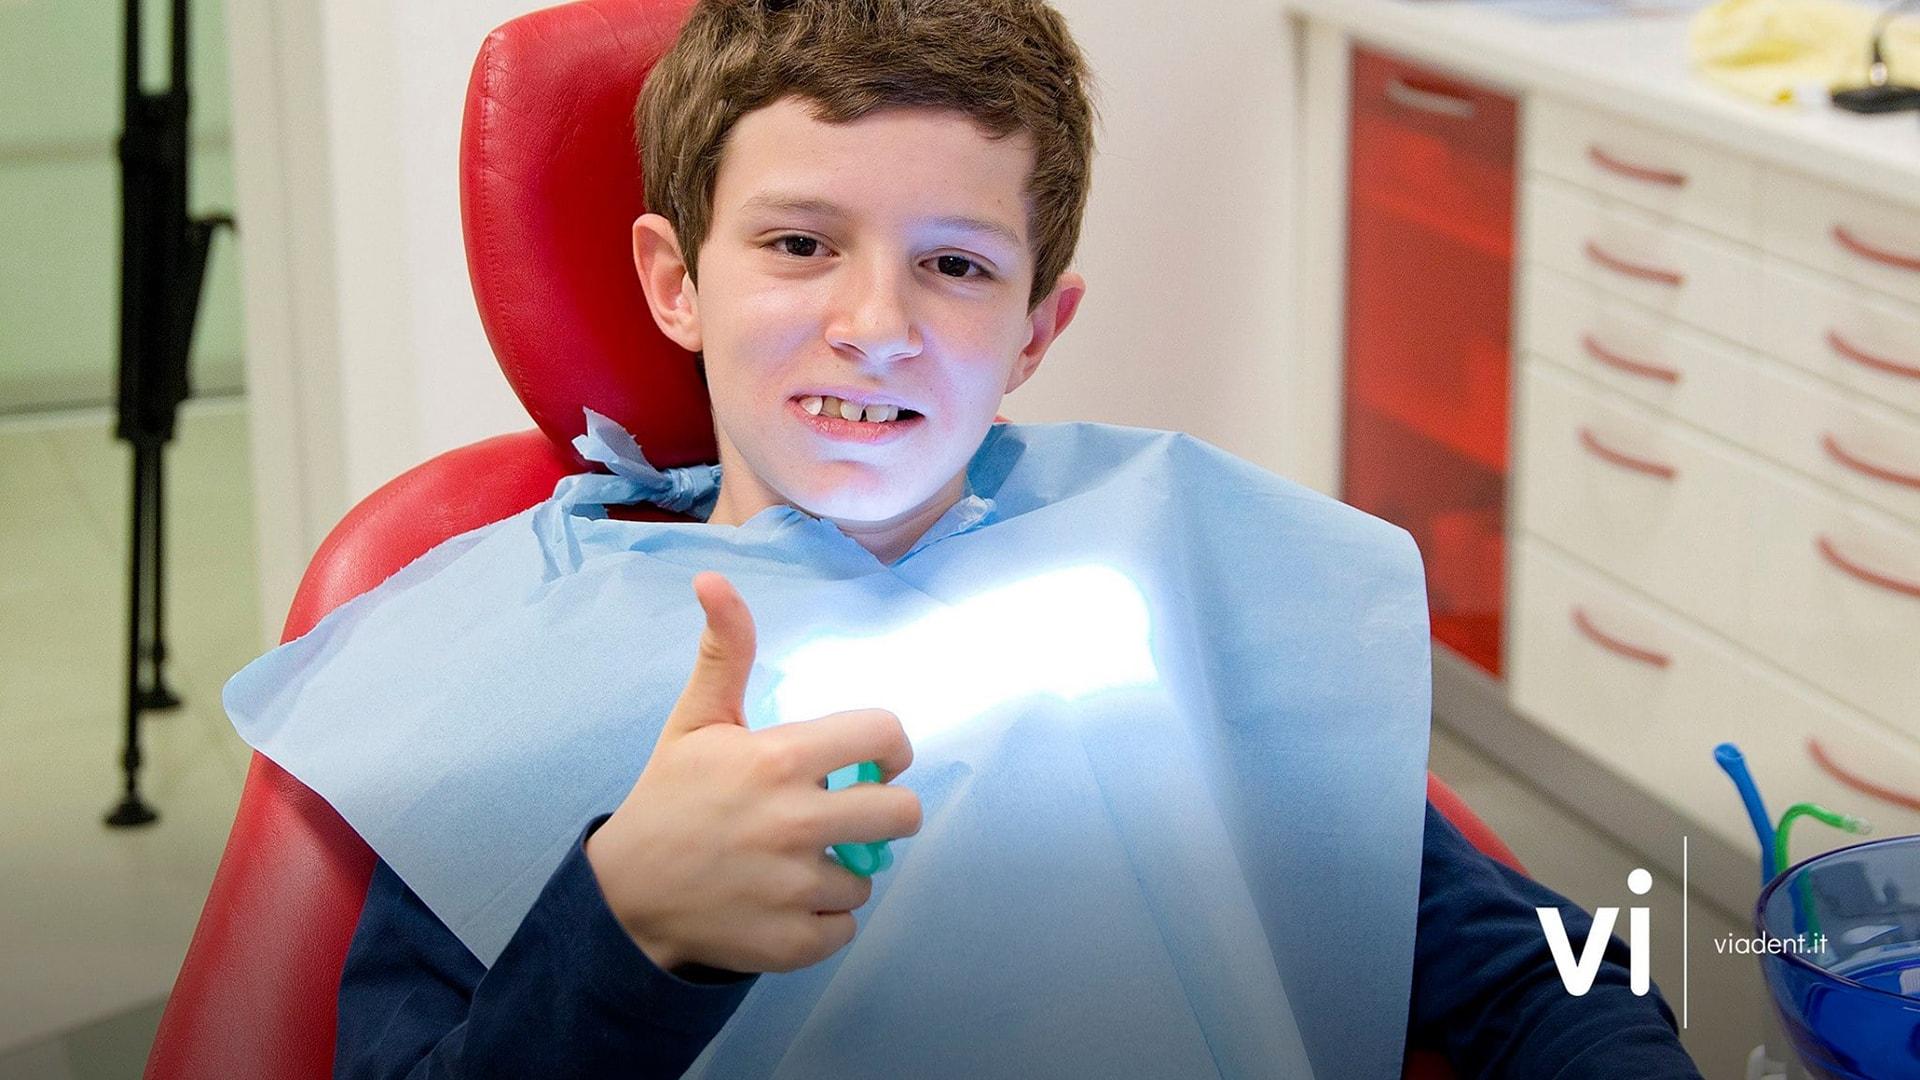 Mama si e rotto il dente - Viadent, Fiume, Croazia